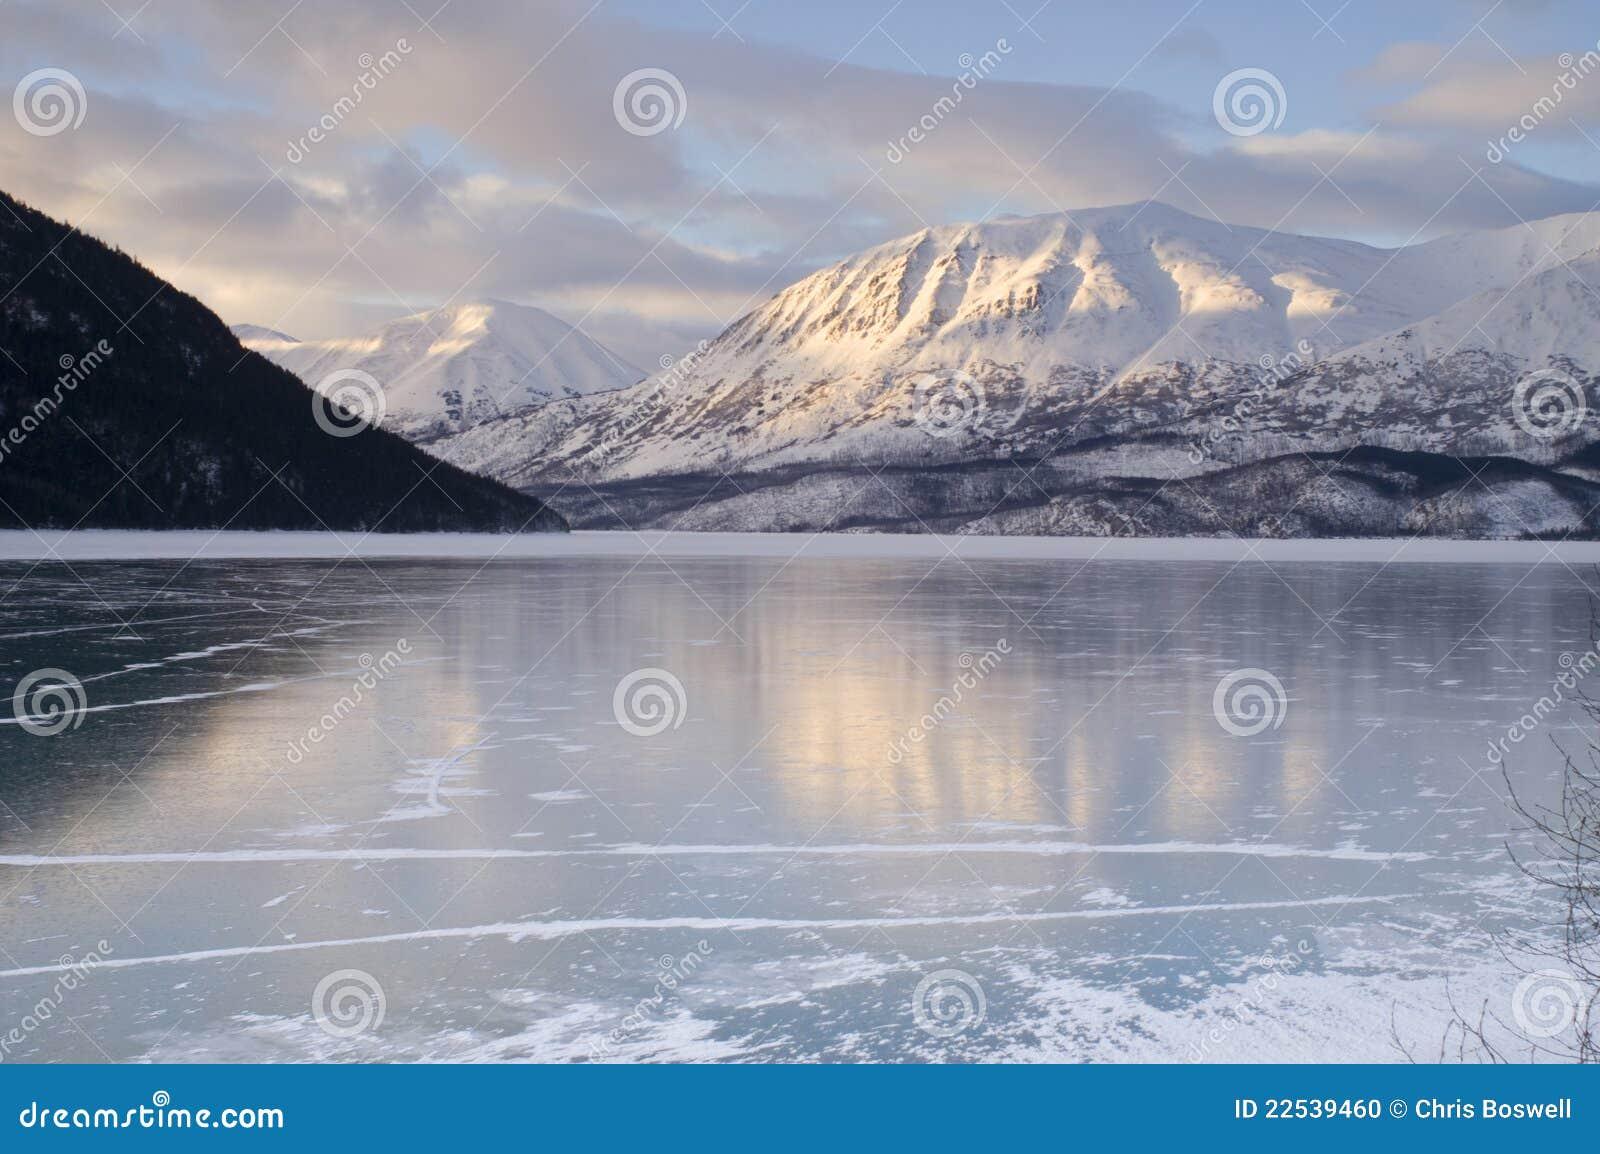 Frozen Kenai Lake Seward Hwy Alaska Wilderness